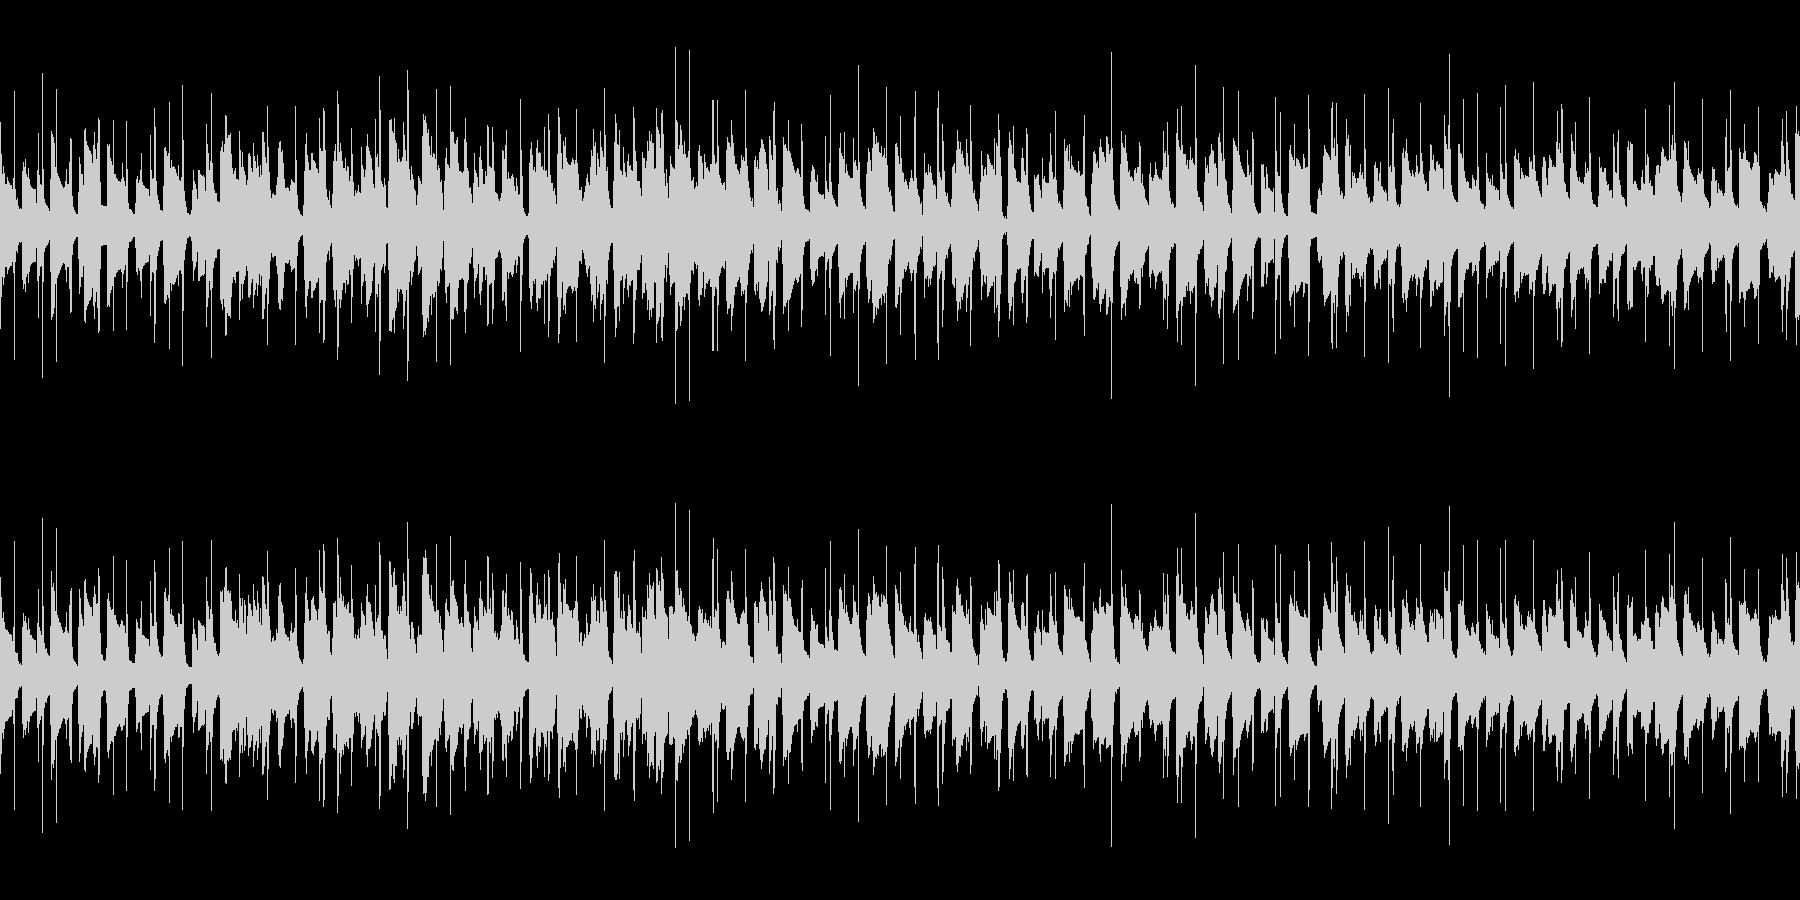 ほのぼの可愛い口笛ギターポップ/ループ可の未再生の波形